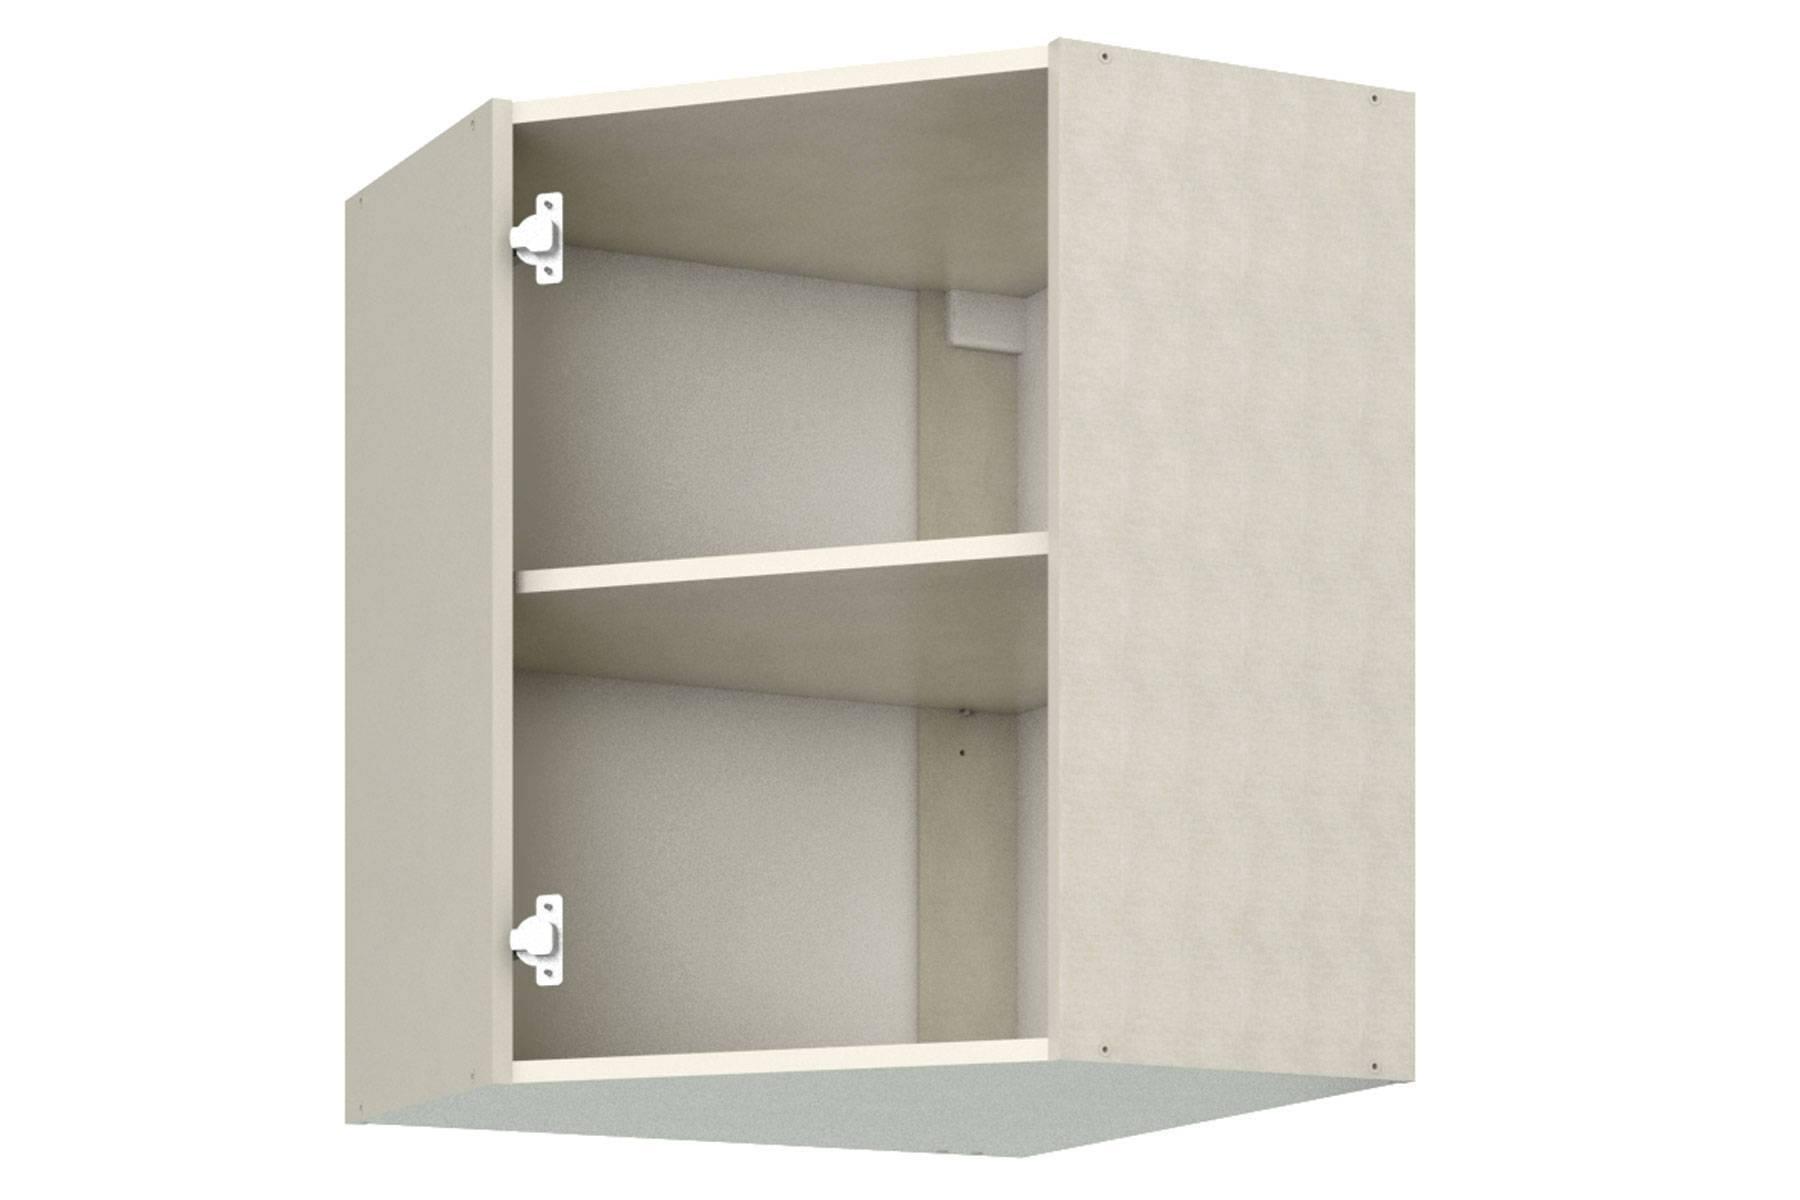 Шкаф навесной угловой (ПУ-60) недорого